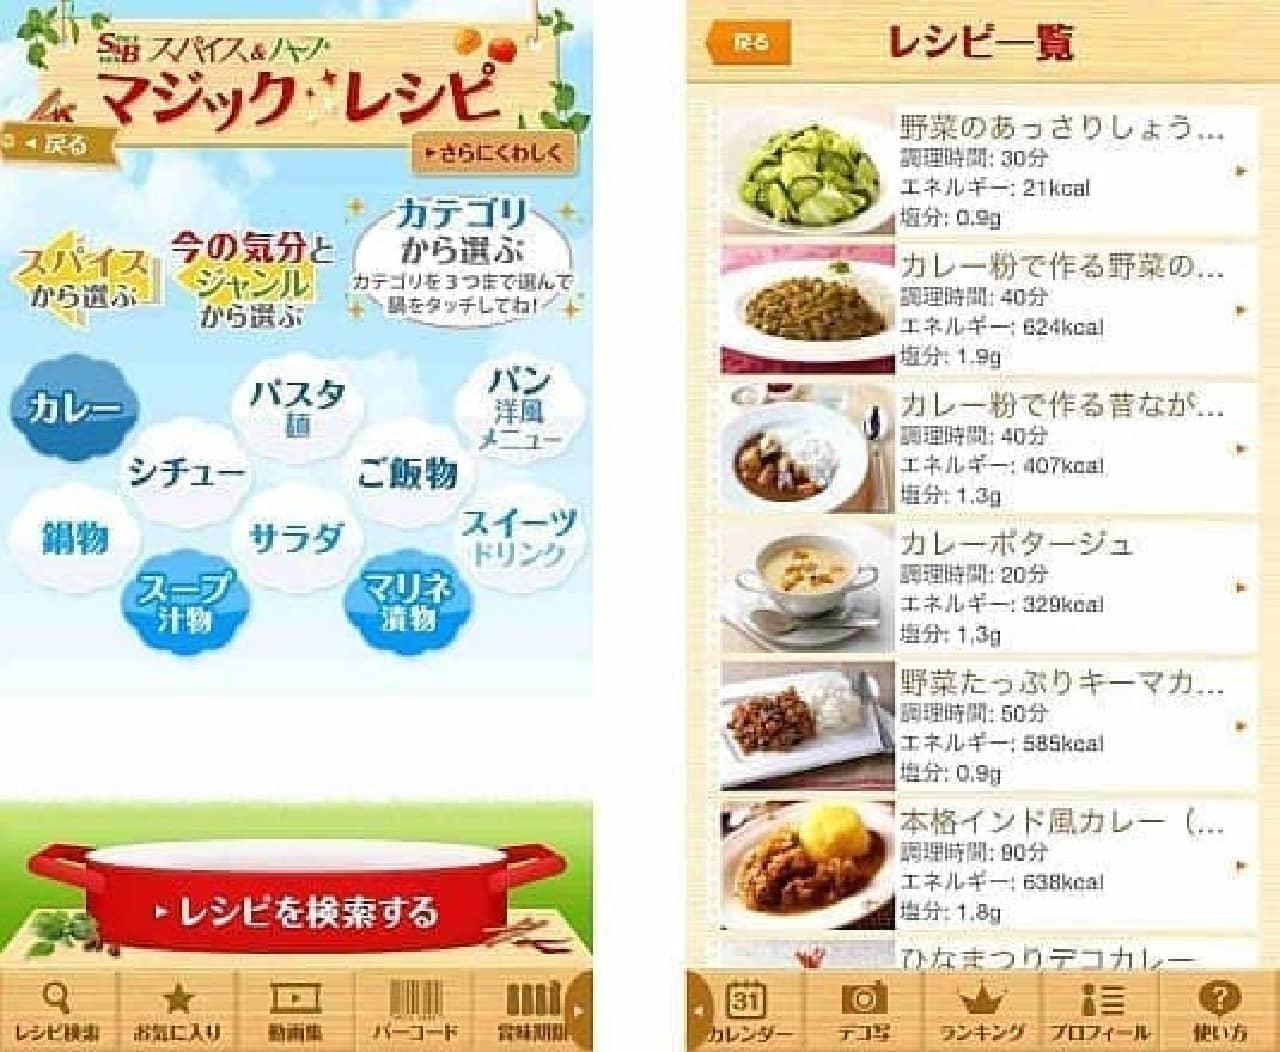 エスビー食品のアプリ「S&B Magicレシピ」